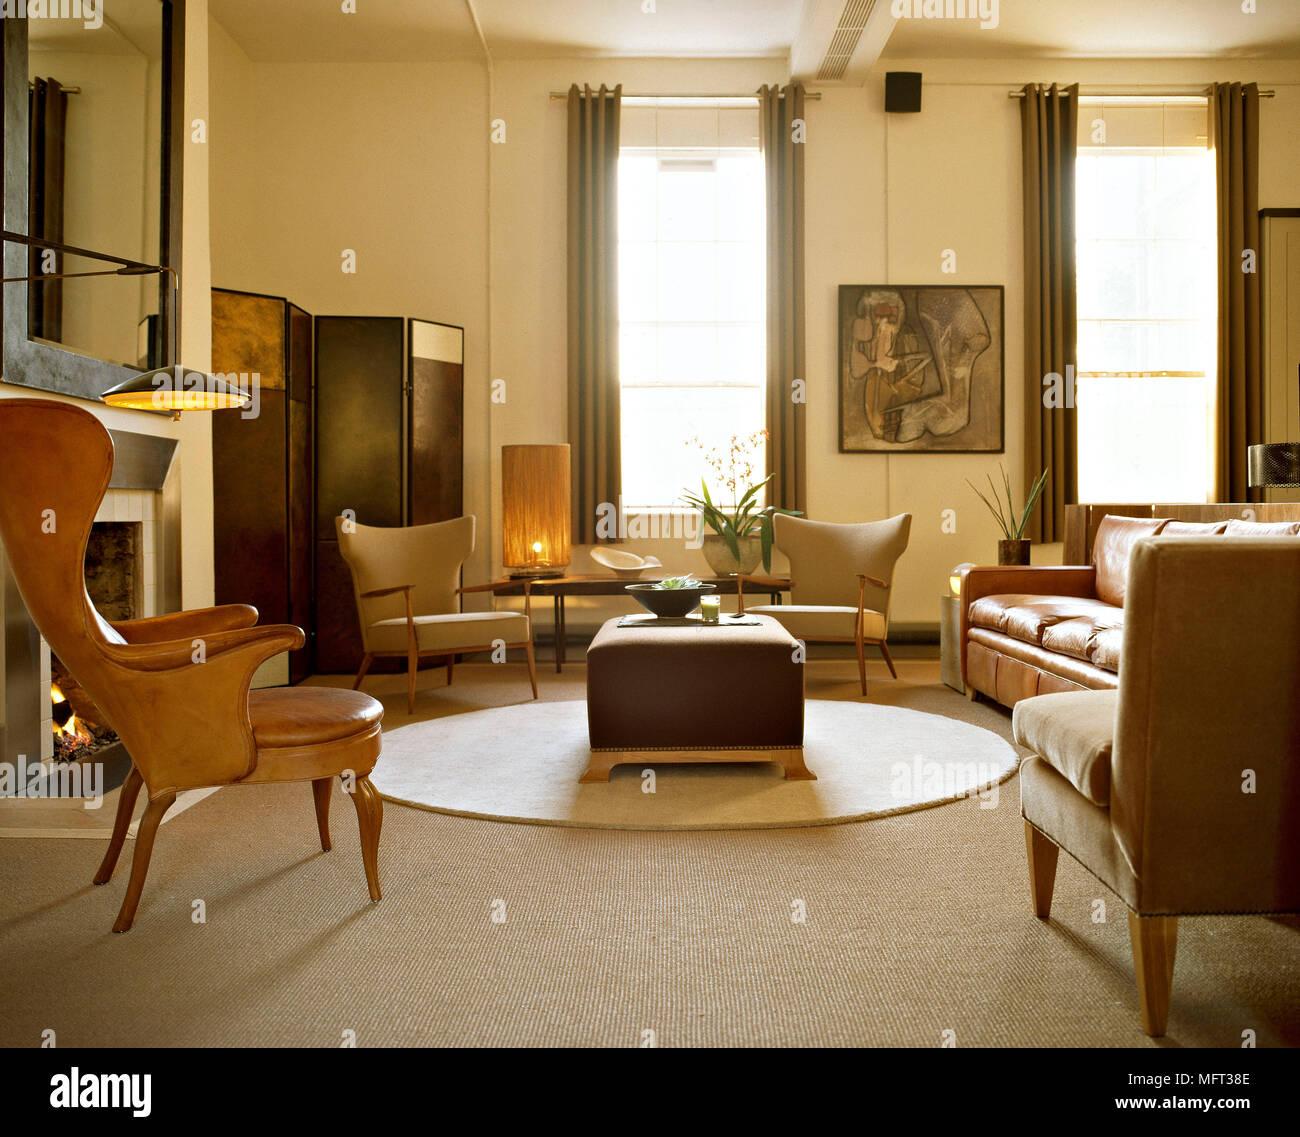 Moderne Wohnzimmer Braunen Ledersesseln Und Einem Runden Teppich Interieur  Zimmer Eklektische Sitzgelegenheiten Retro Antiken Möbeln In Warmen Farben  Der ...